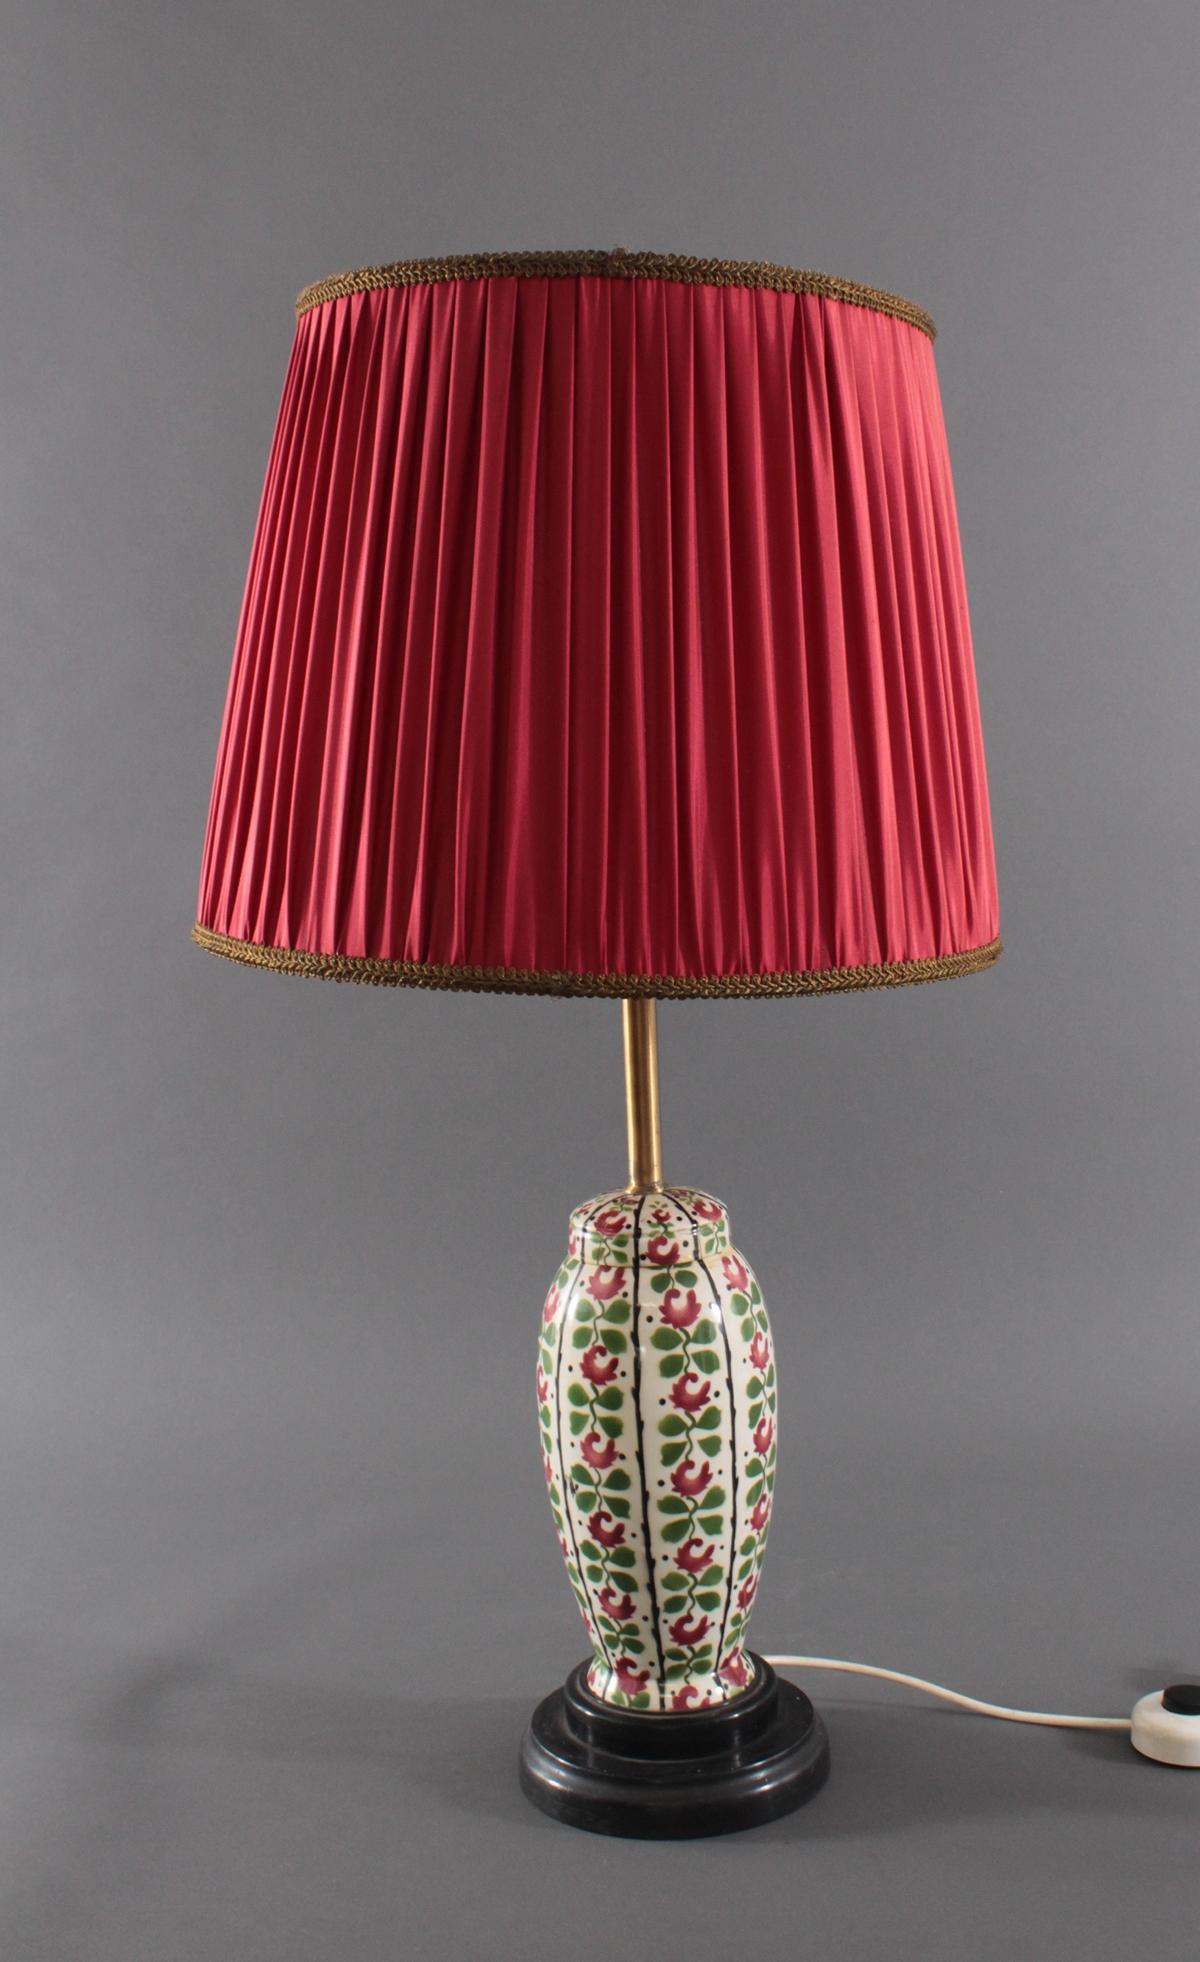 Tischlampe,  aus einer antiken Keramik-Deckelvase